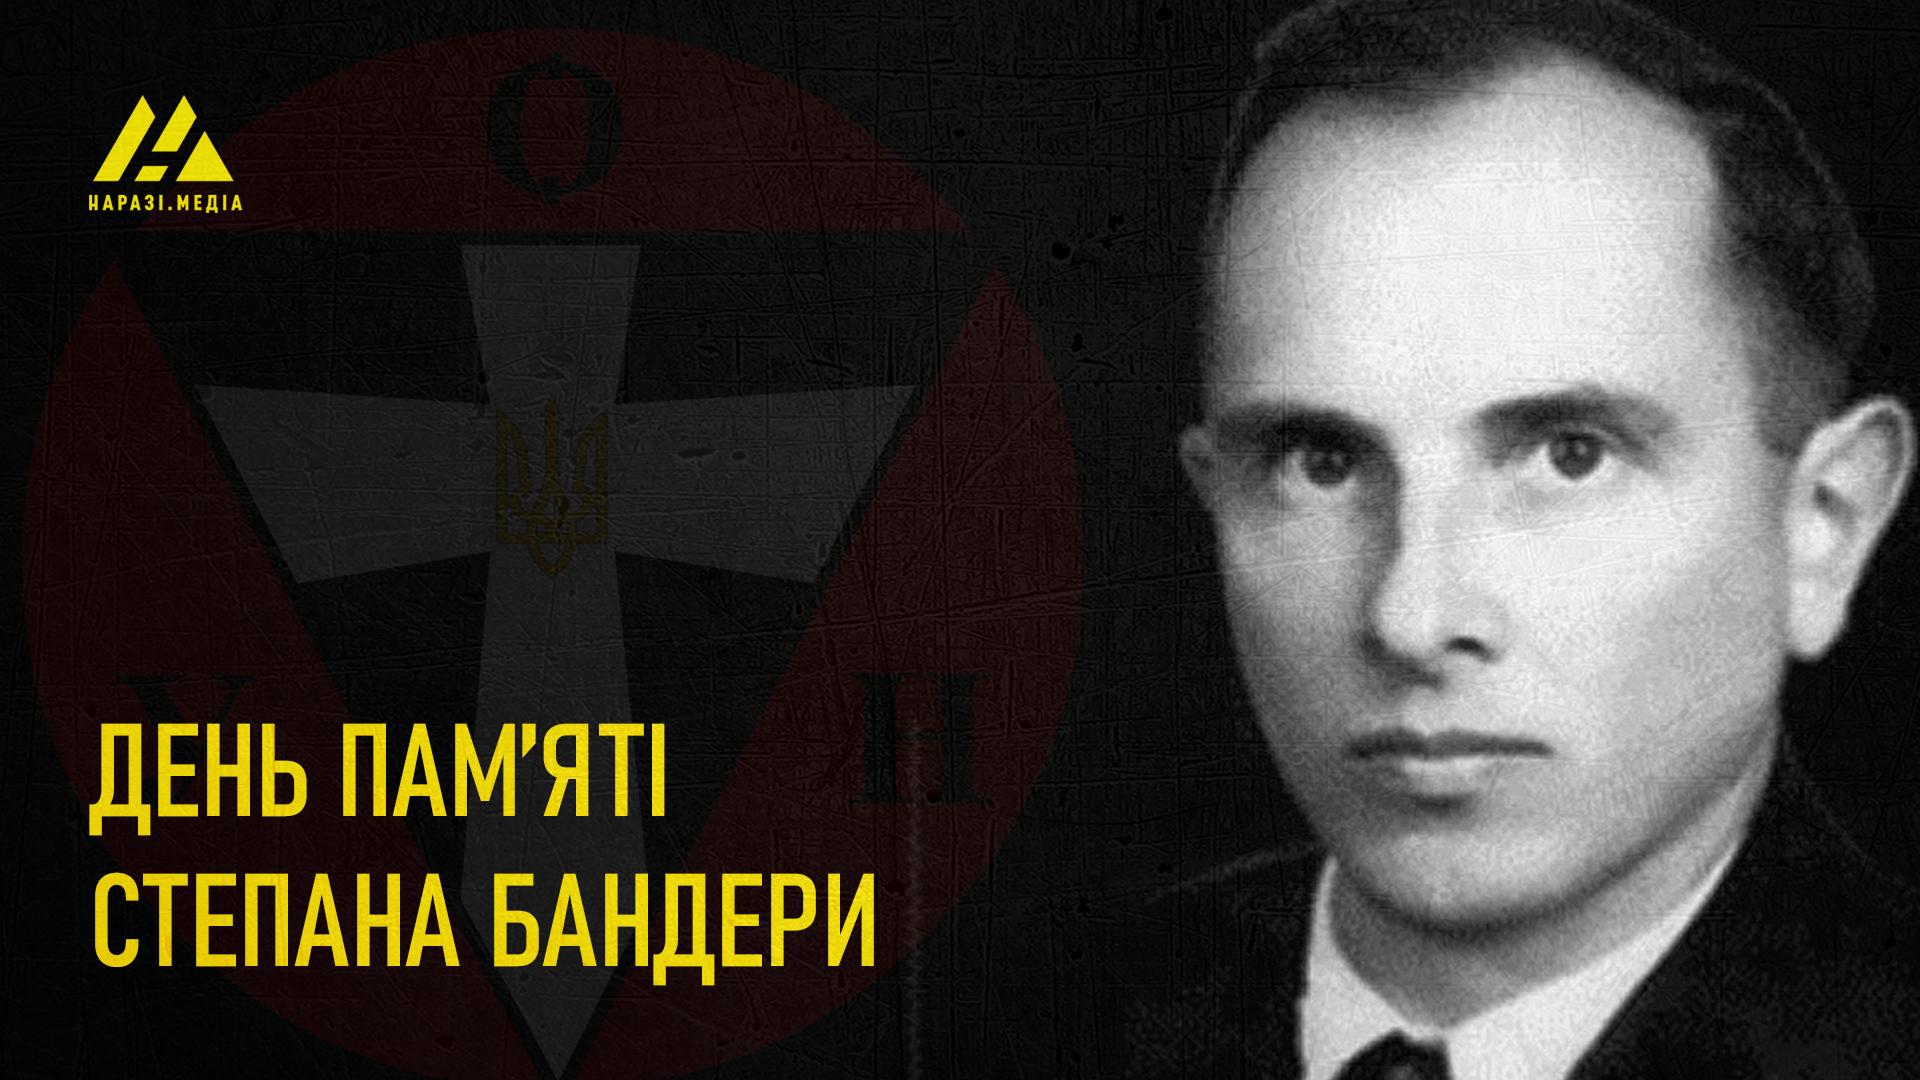 Сьогодні українці згадують лідера ОУН Степана Бандеру